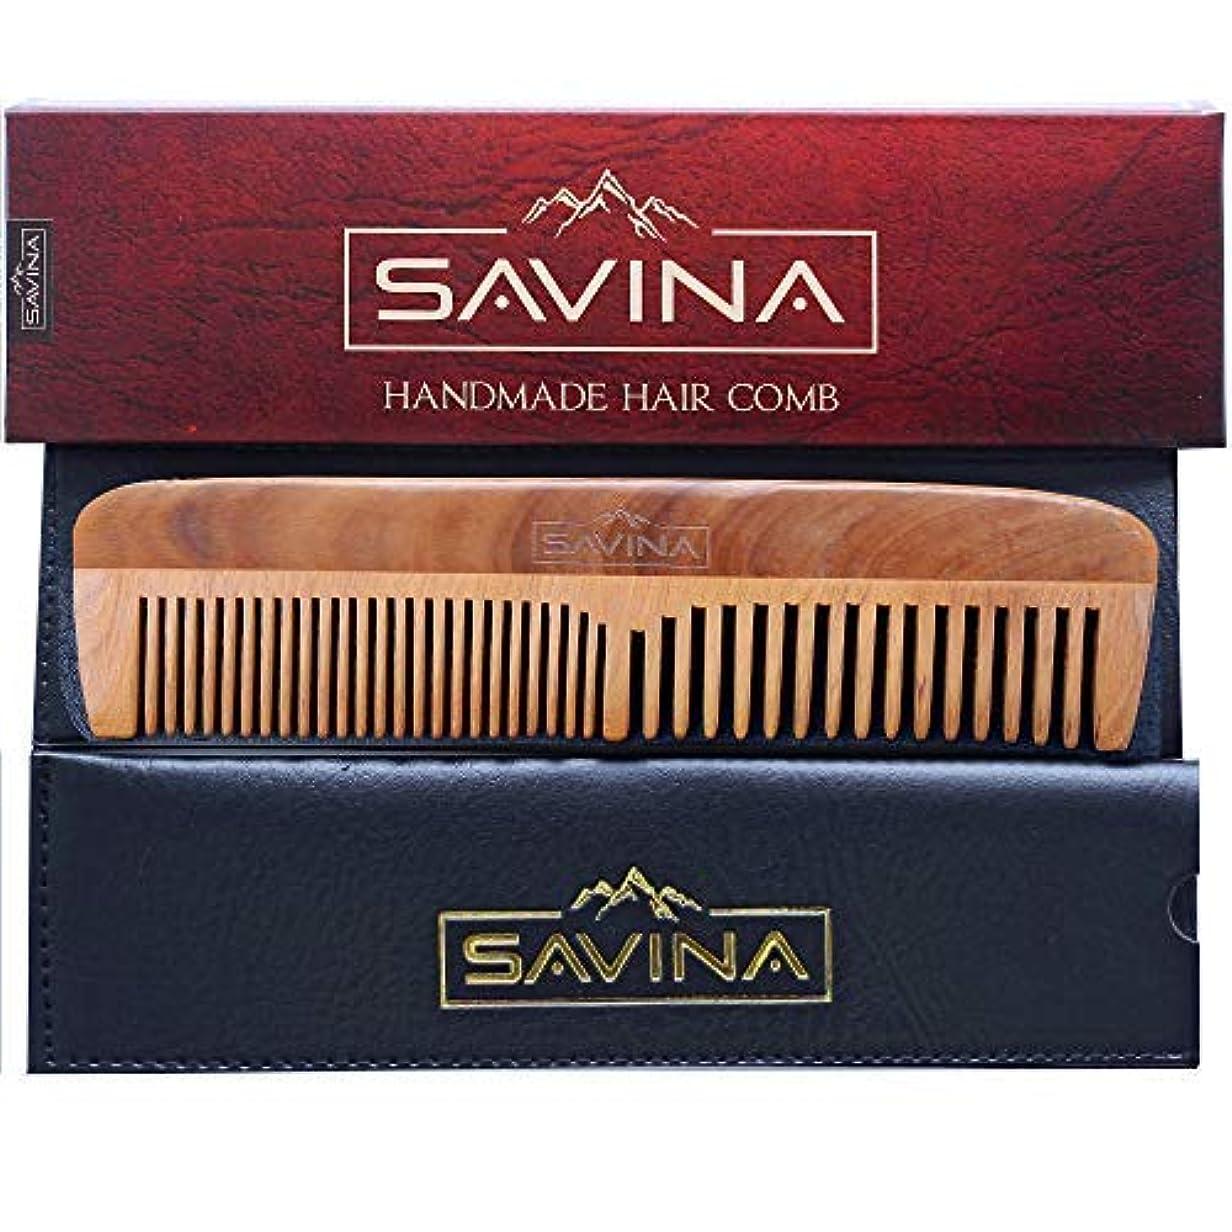 結果として落ち着かないストレッチComb For Men - Hair and Beard Comb with Fine and Medium Tooth | Anti Static, No Snag | Pocket Wooden Comb for...